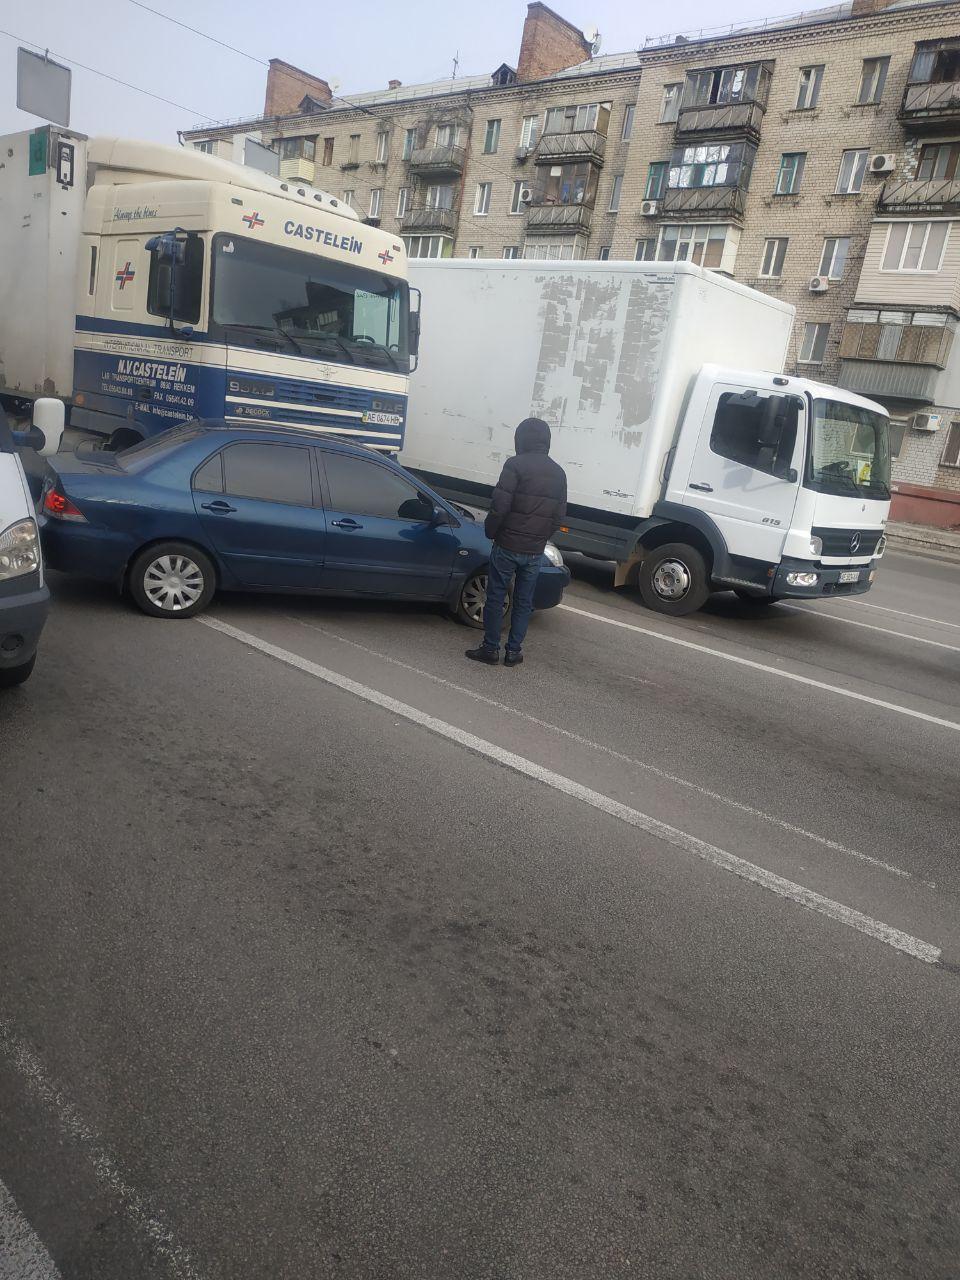 ДТП на Слобожанском проспекте: фура врезалась в легковой автомобиль